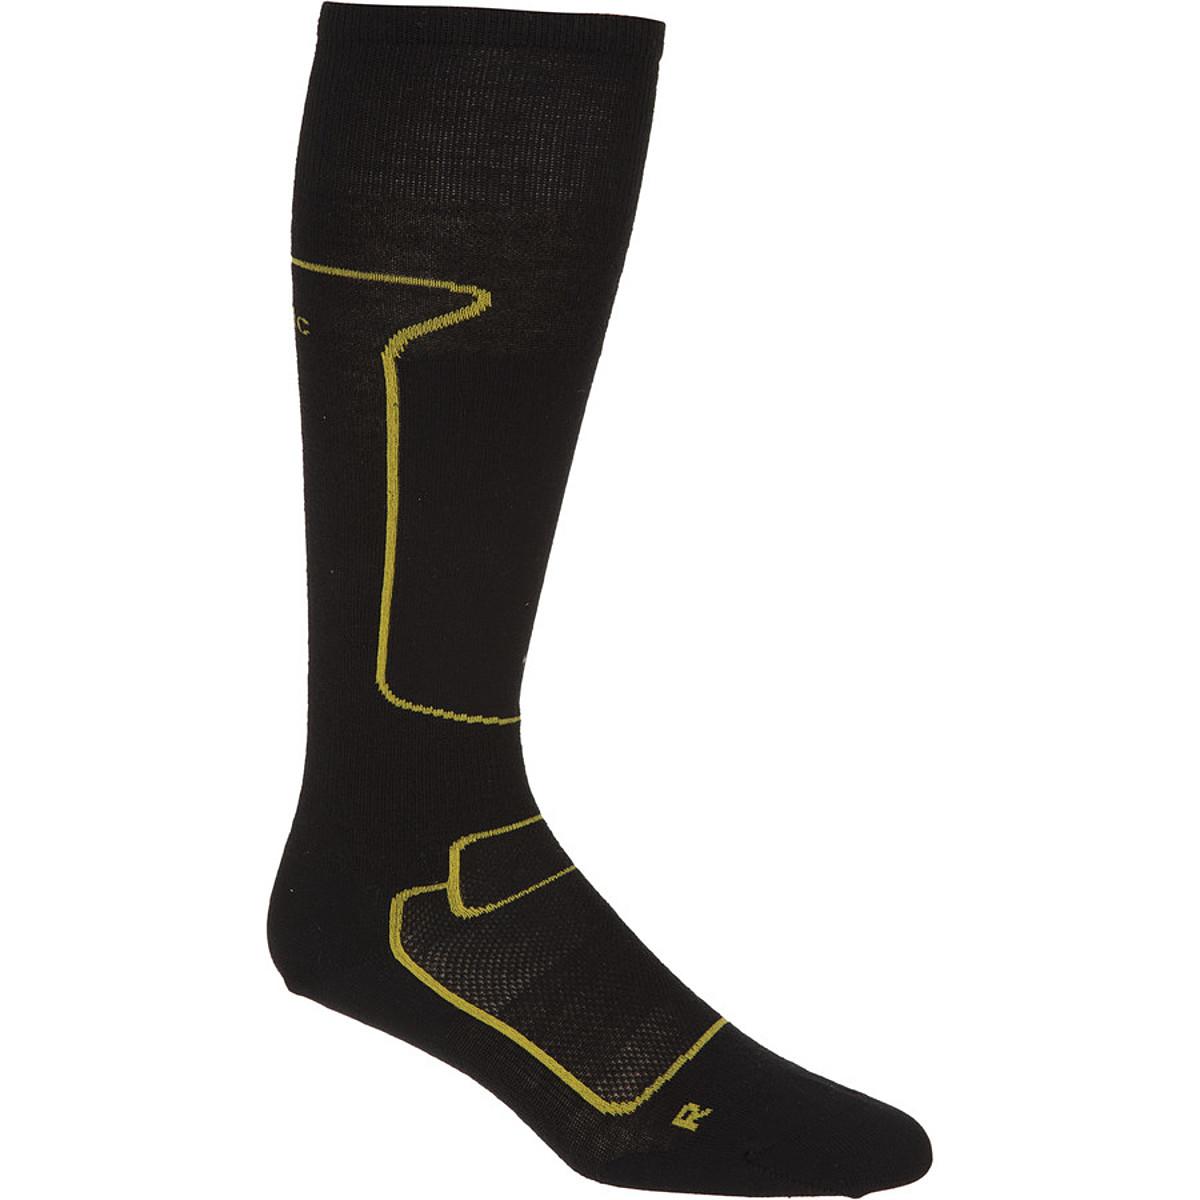 Stoic Alpine Merino 3T Ski Sock